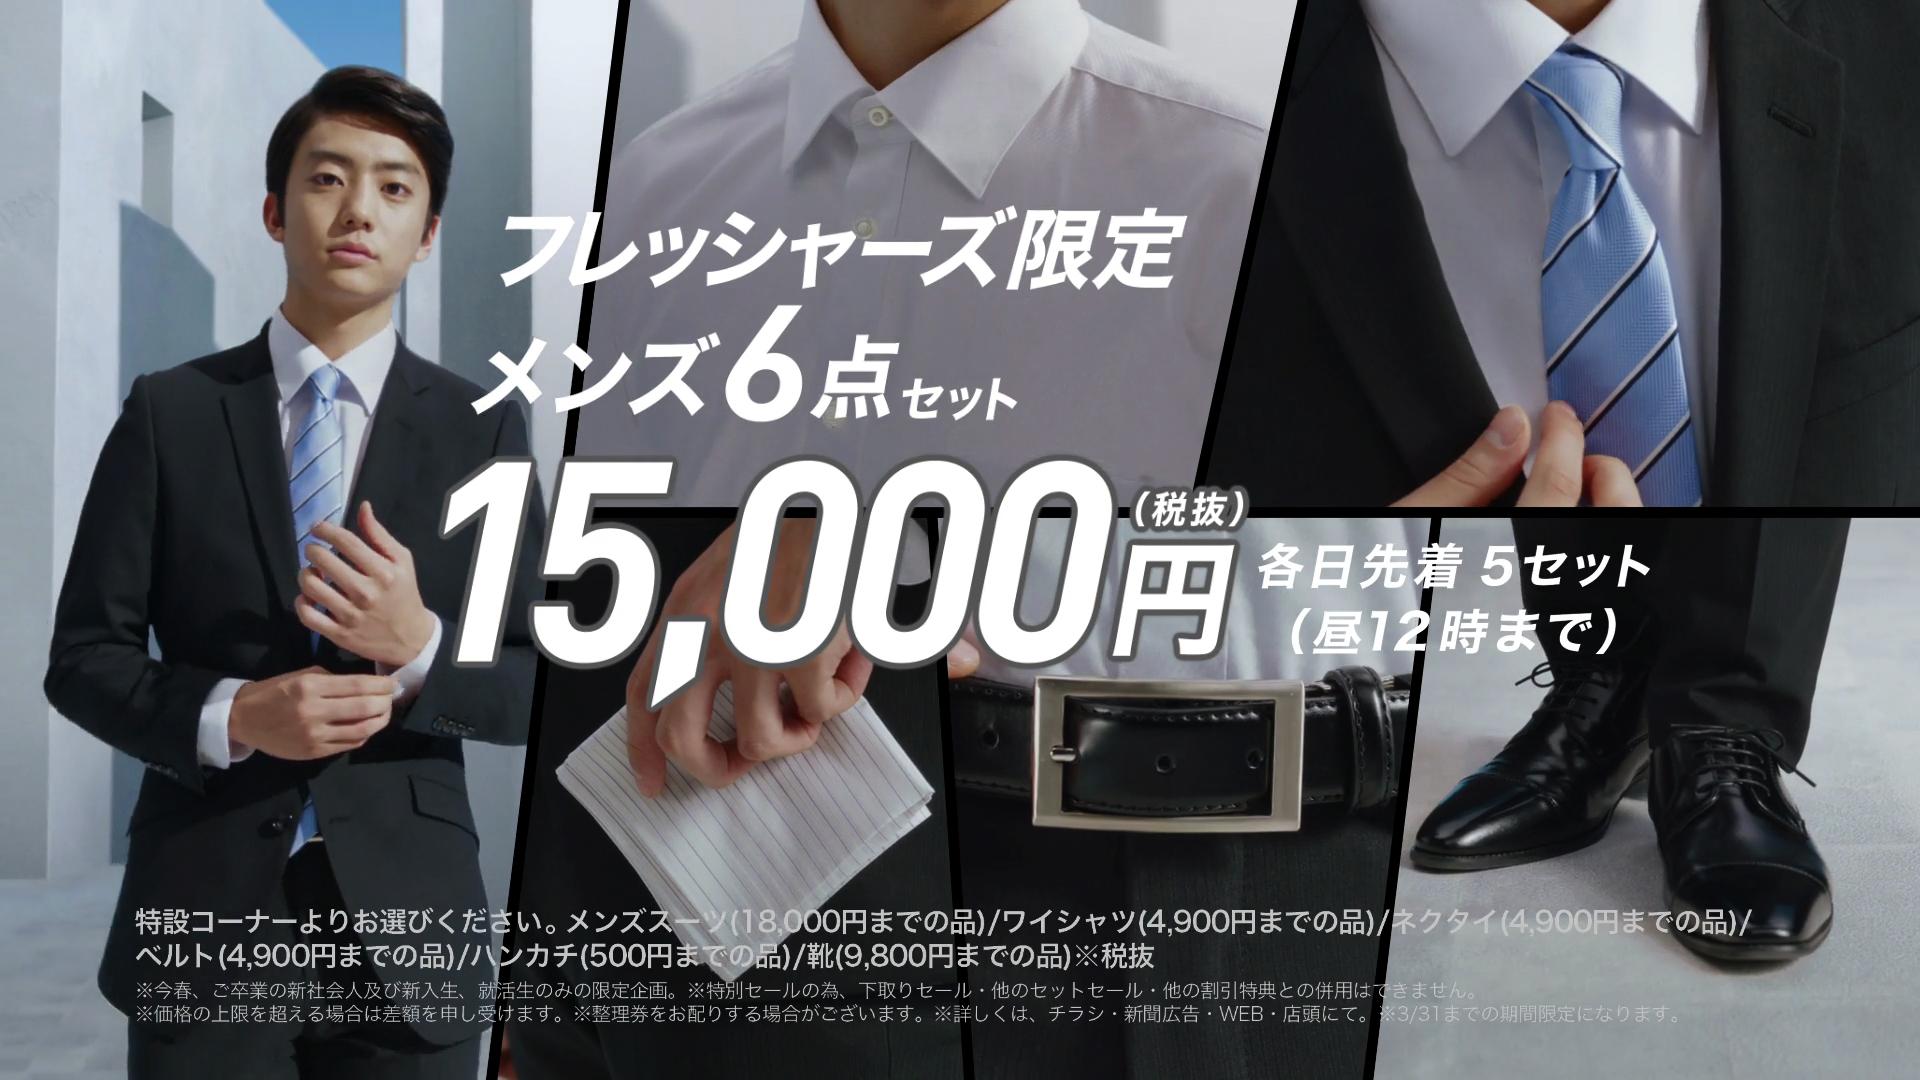 haruyama_SC